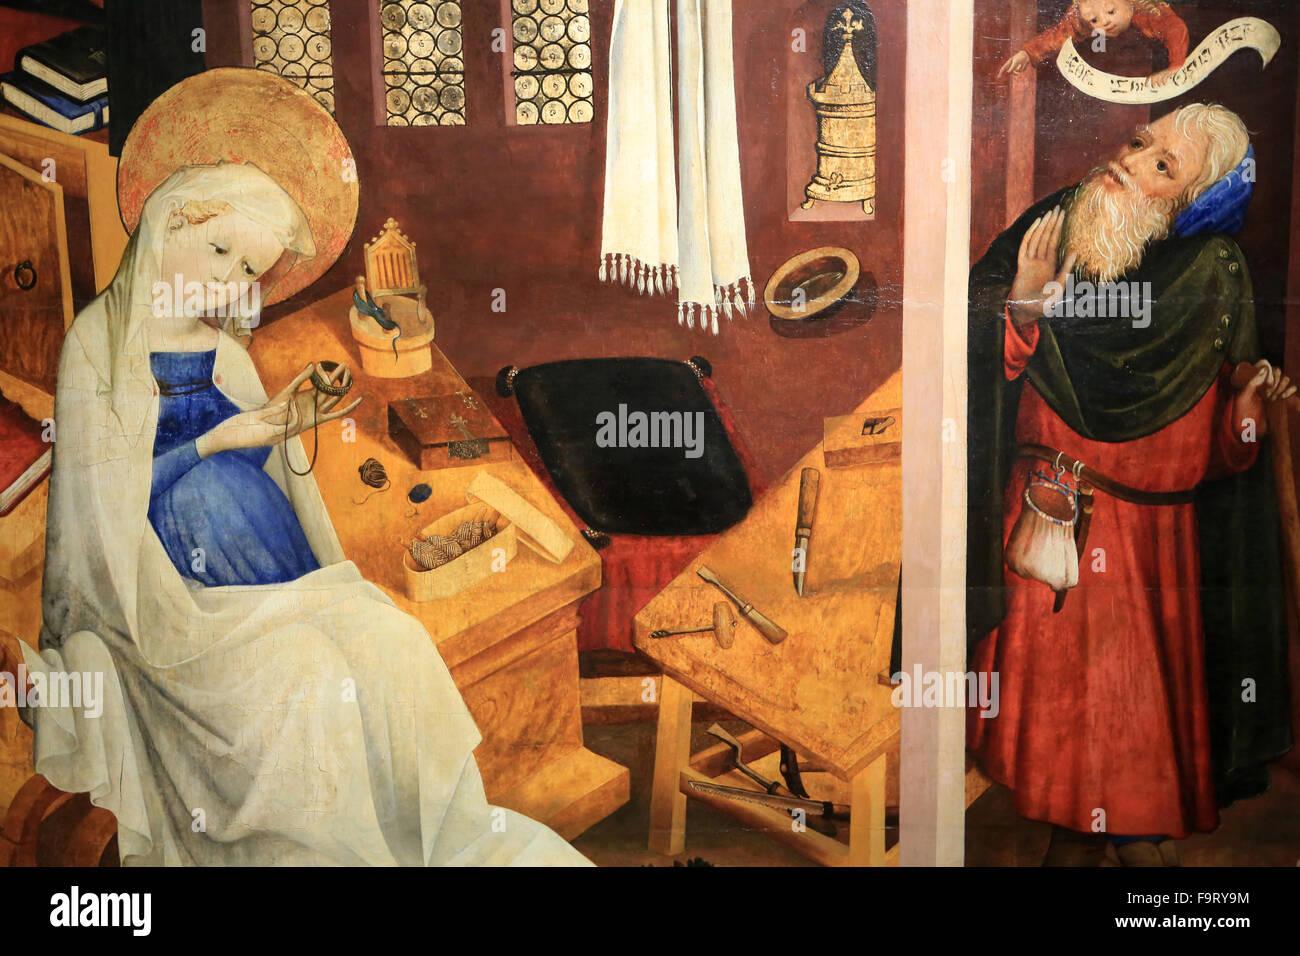 JosephÕs dubbio. Master ParadiesgŠrtlein. 1430. Olio su pannello albero. Oeuvre Notre Dame Museum di Strasburgo. Immagini Stock